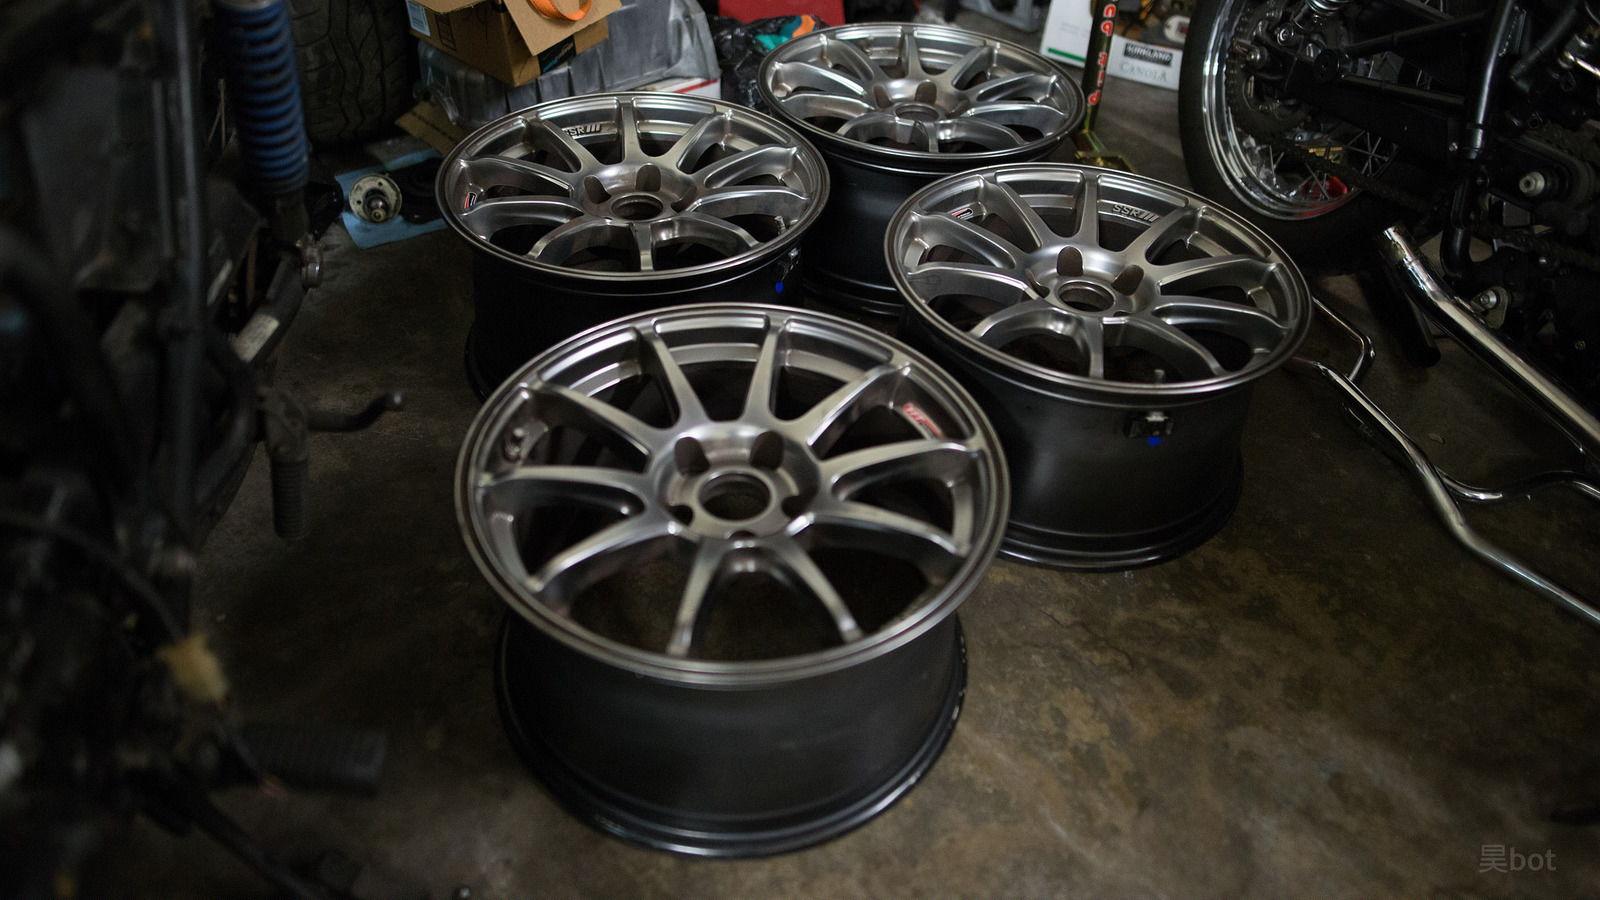 FS: SSR GTV02 silver 17x9 45mm offset 80-31343067440_308945a65b_h_223990d45c5a1e02b1720b6e602578e6cd7b1e86